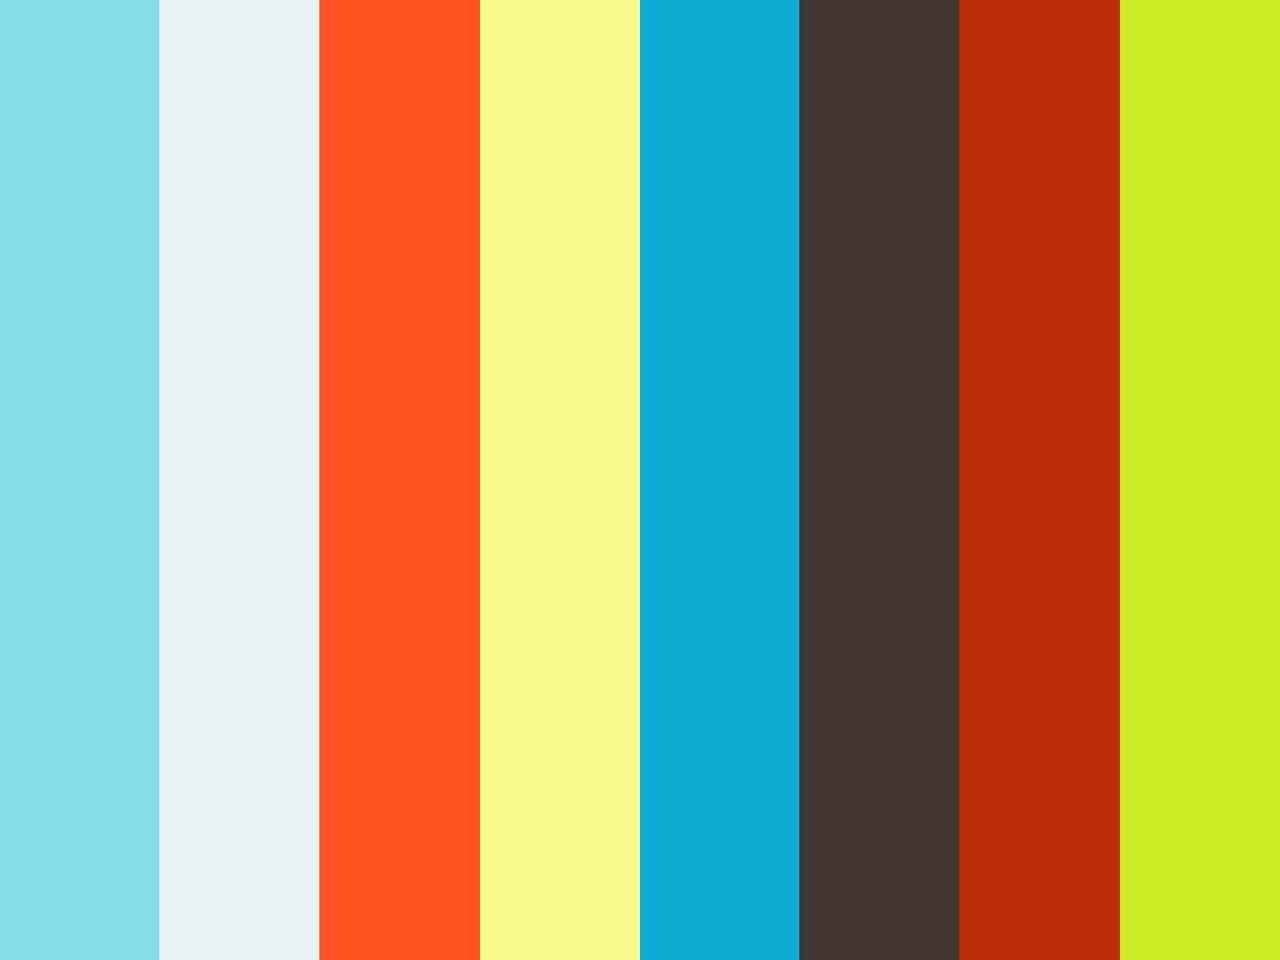 mogulus-user-files-chethiopianism-2017-09-12-5c4ae962-9b83-4f21-b23a-ec826bf33015